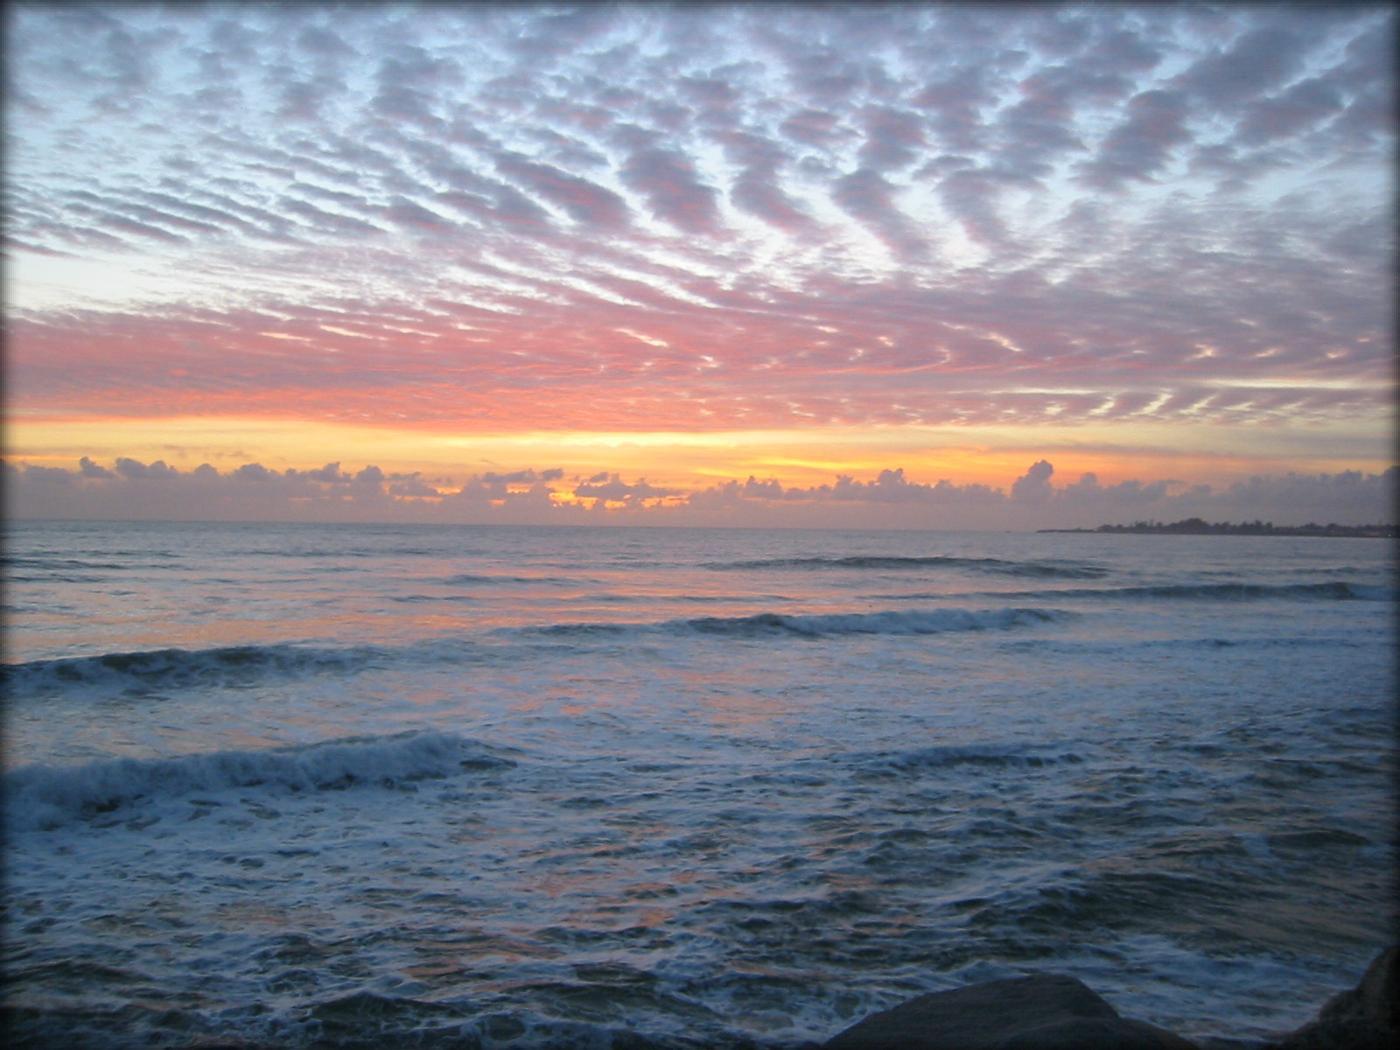 santa cruz sunset 2001